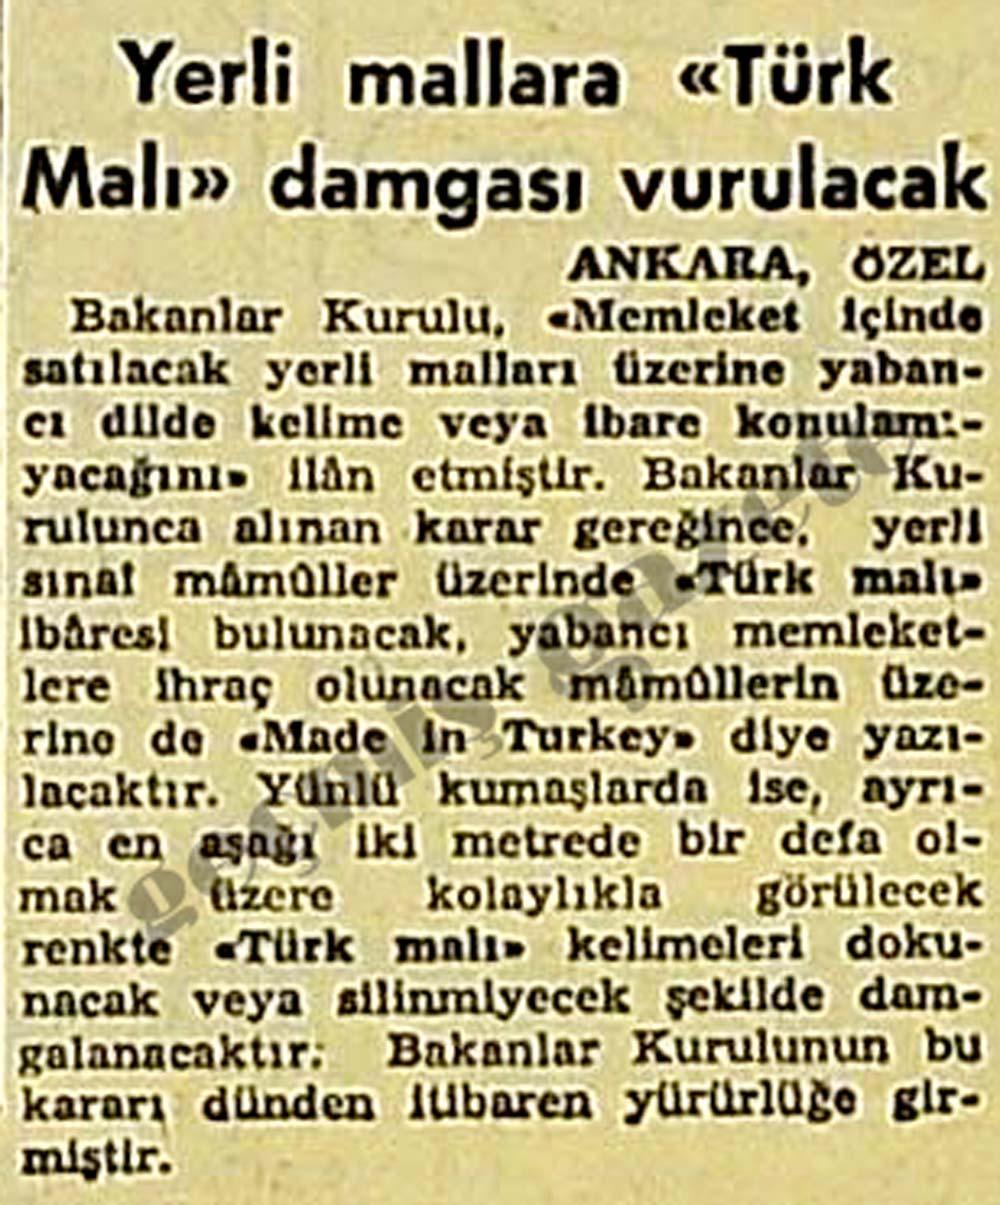 """Yerli mallara """"Türk Malı"""" damgası vurulacak"""